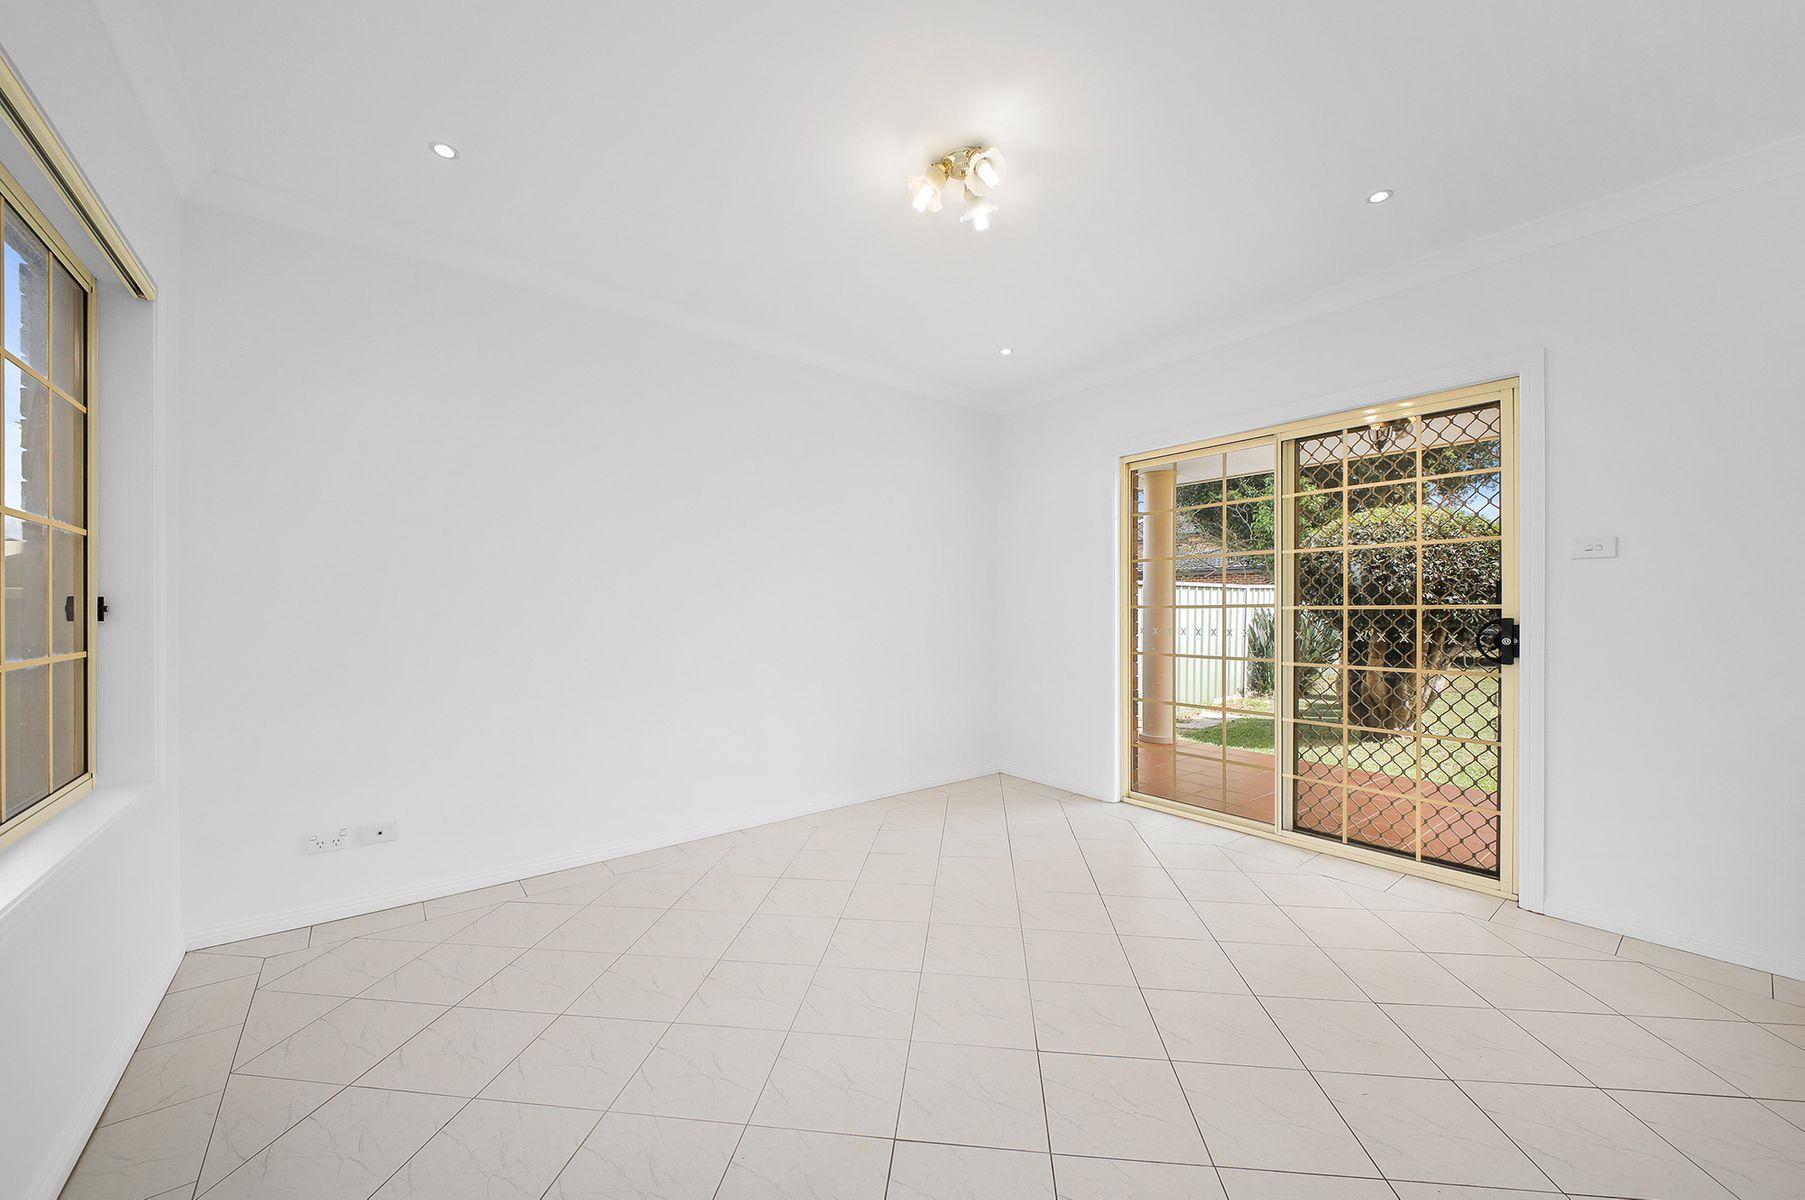 10A Barrow Street, Revesby, NSW 2212